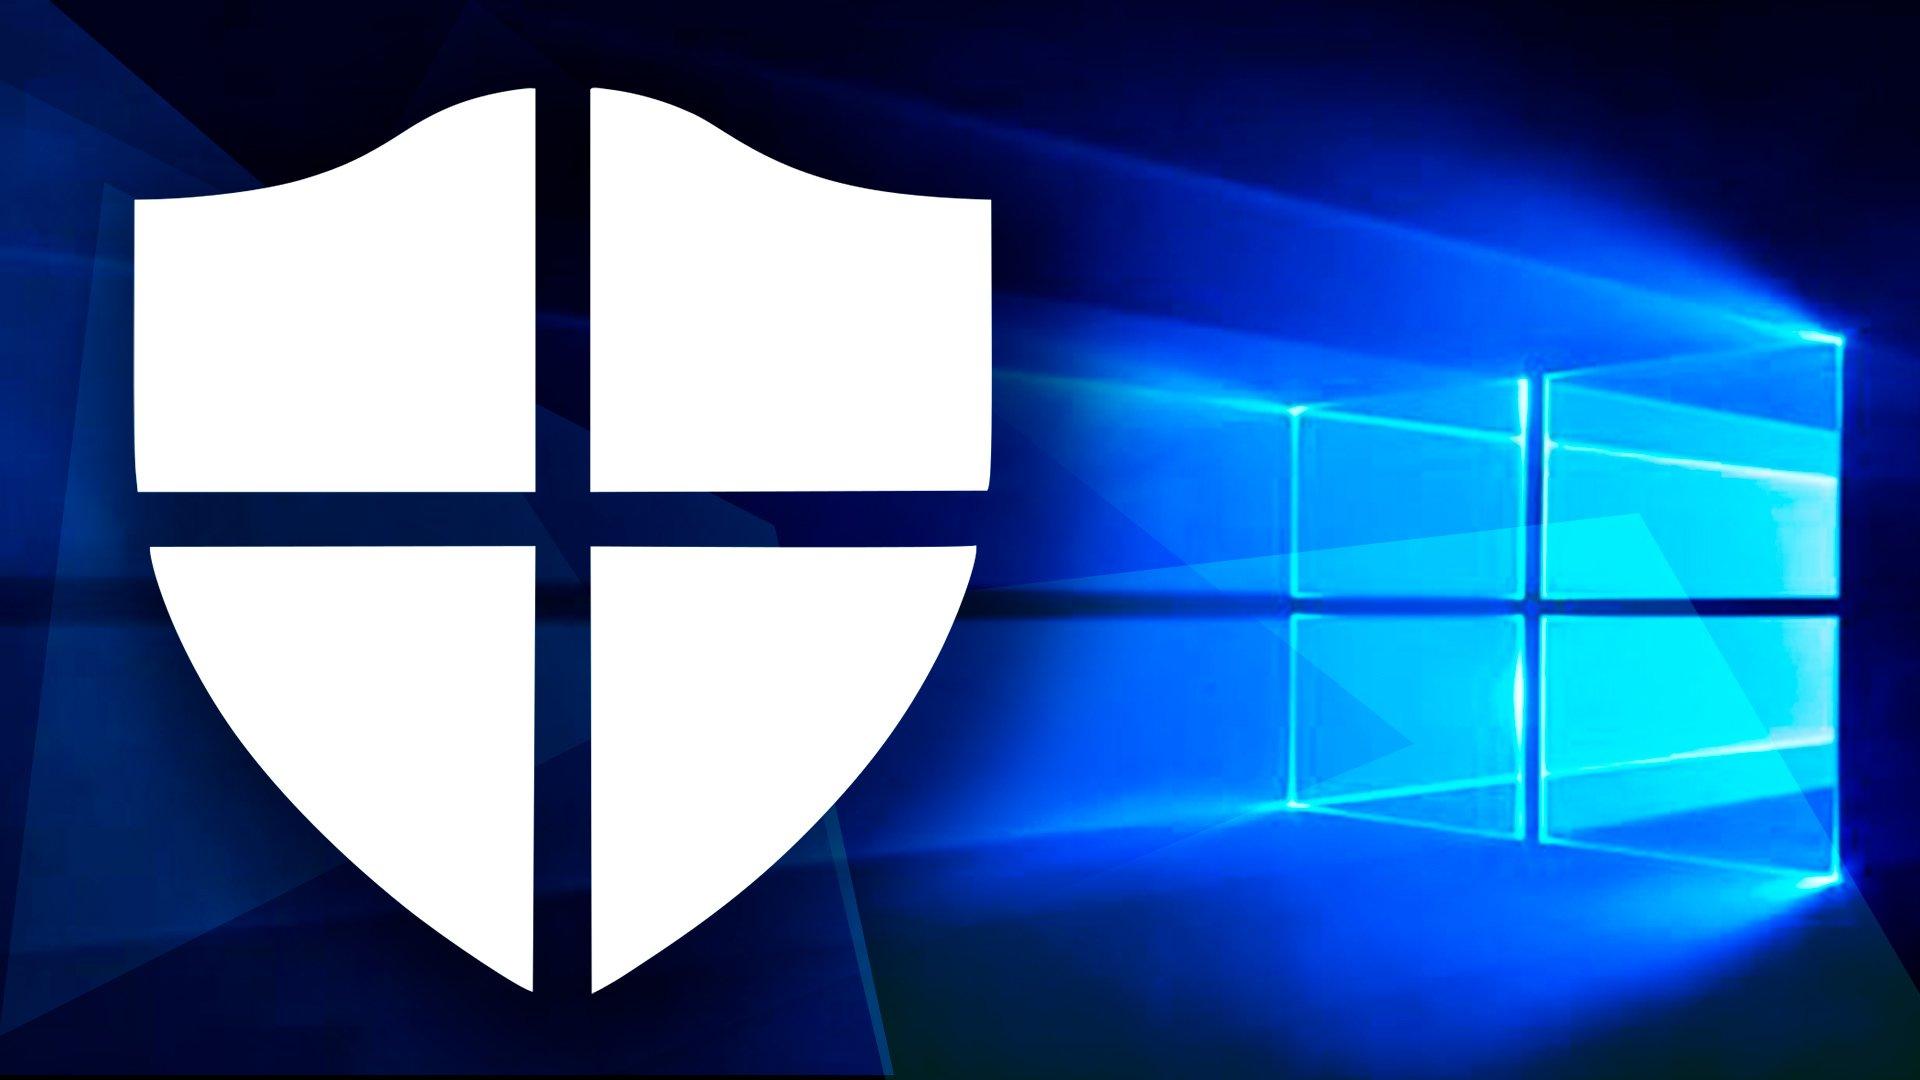 Sicherheit, Security, Schadsoftware, Antivirus, Cybersecurity, Anti-Virus, Windows Defender, Windows Logo, anti-malware, Antivirensoftware, Defender, Anti-Viren-Software, Windows Defender Advanced Threat Protection, Microsoft Defender, Windows Antivirus, Windows Defender Security Center, Windows Schild